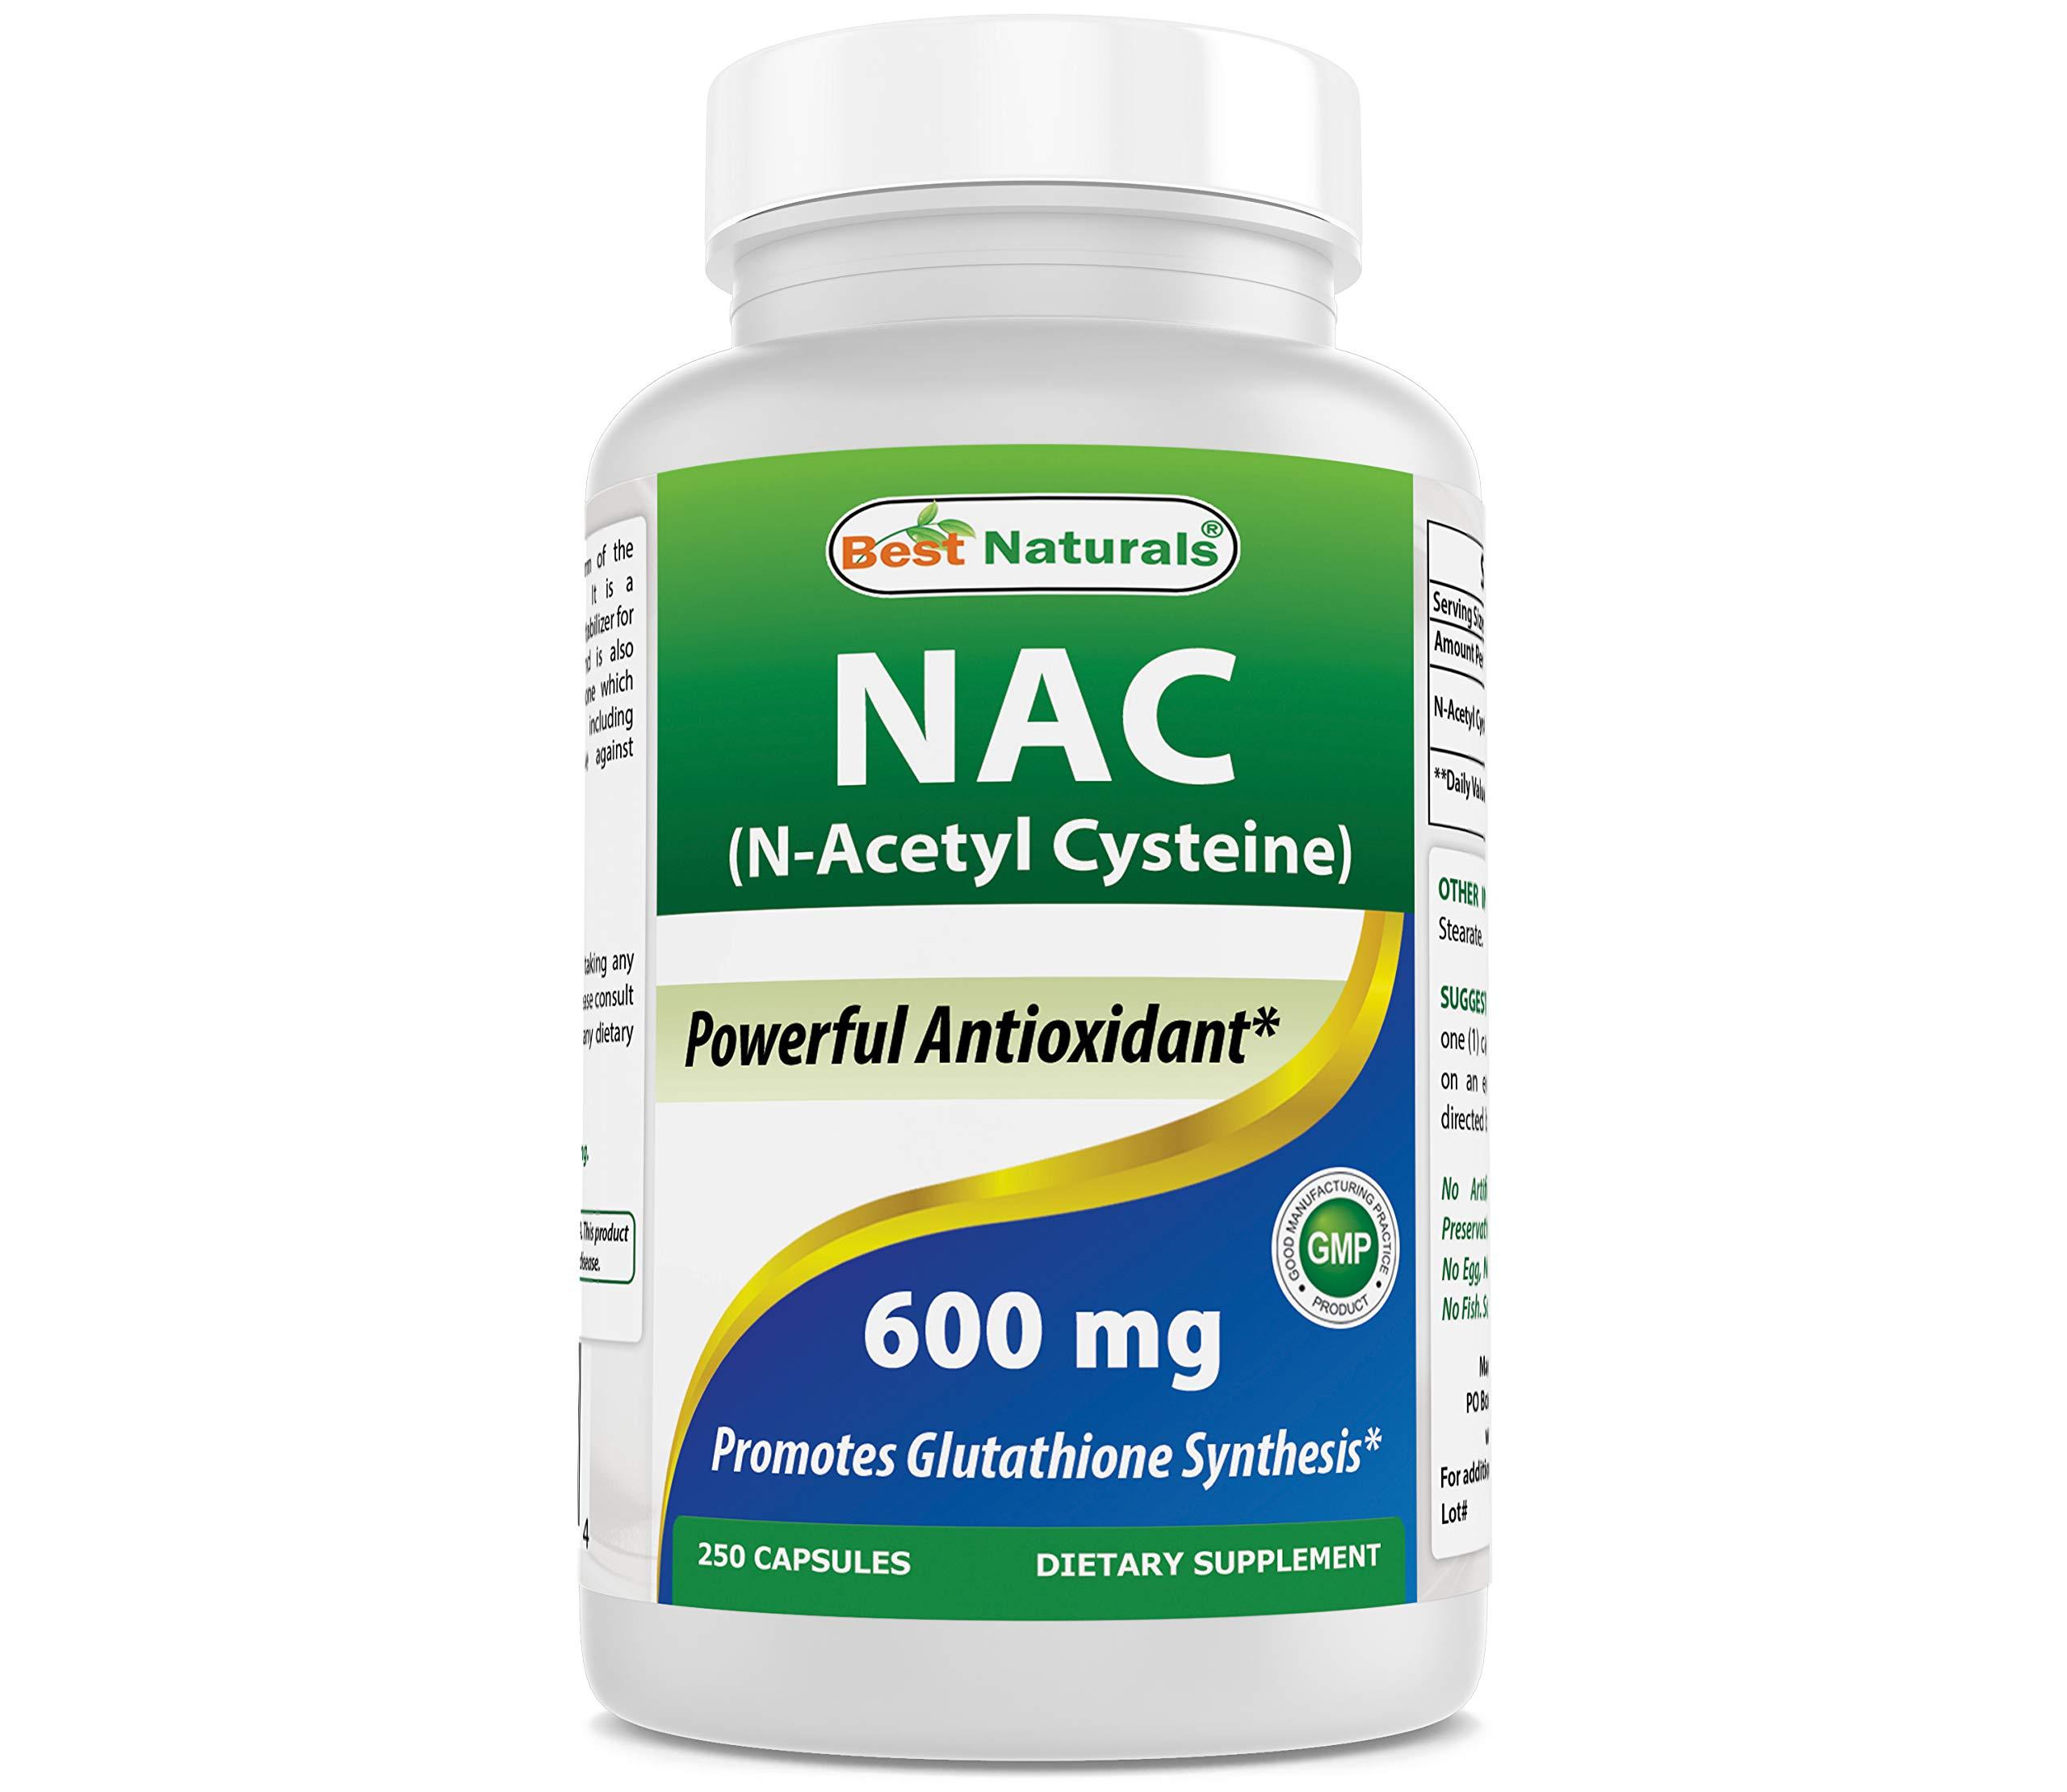 Ацц (ацетилцистеин): обзор лечебных свойств и инструкция